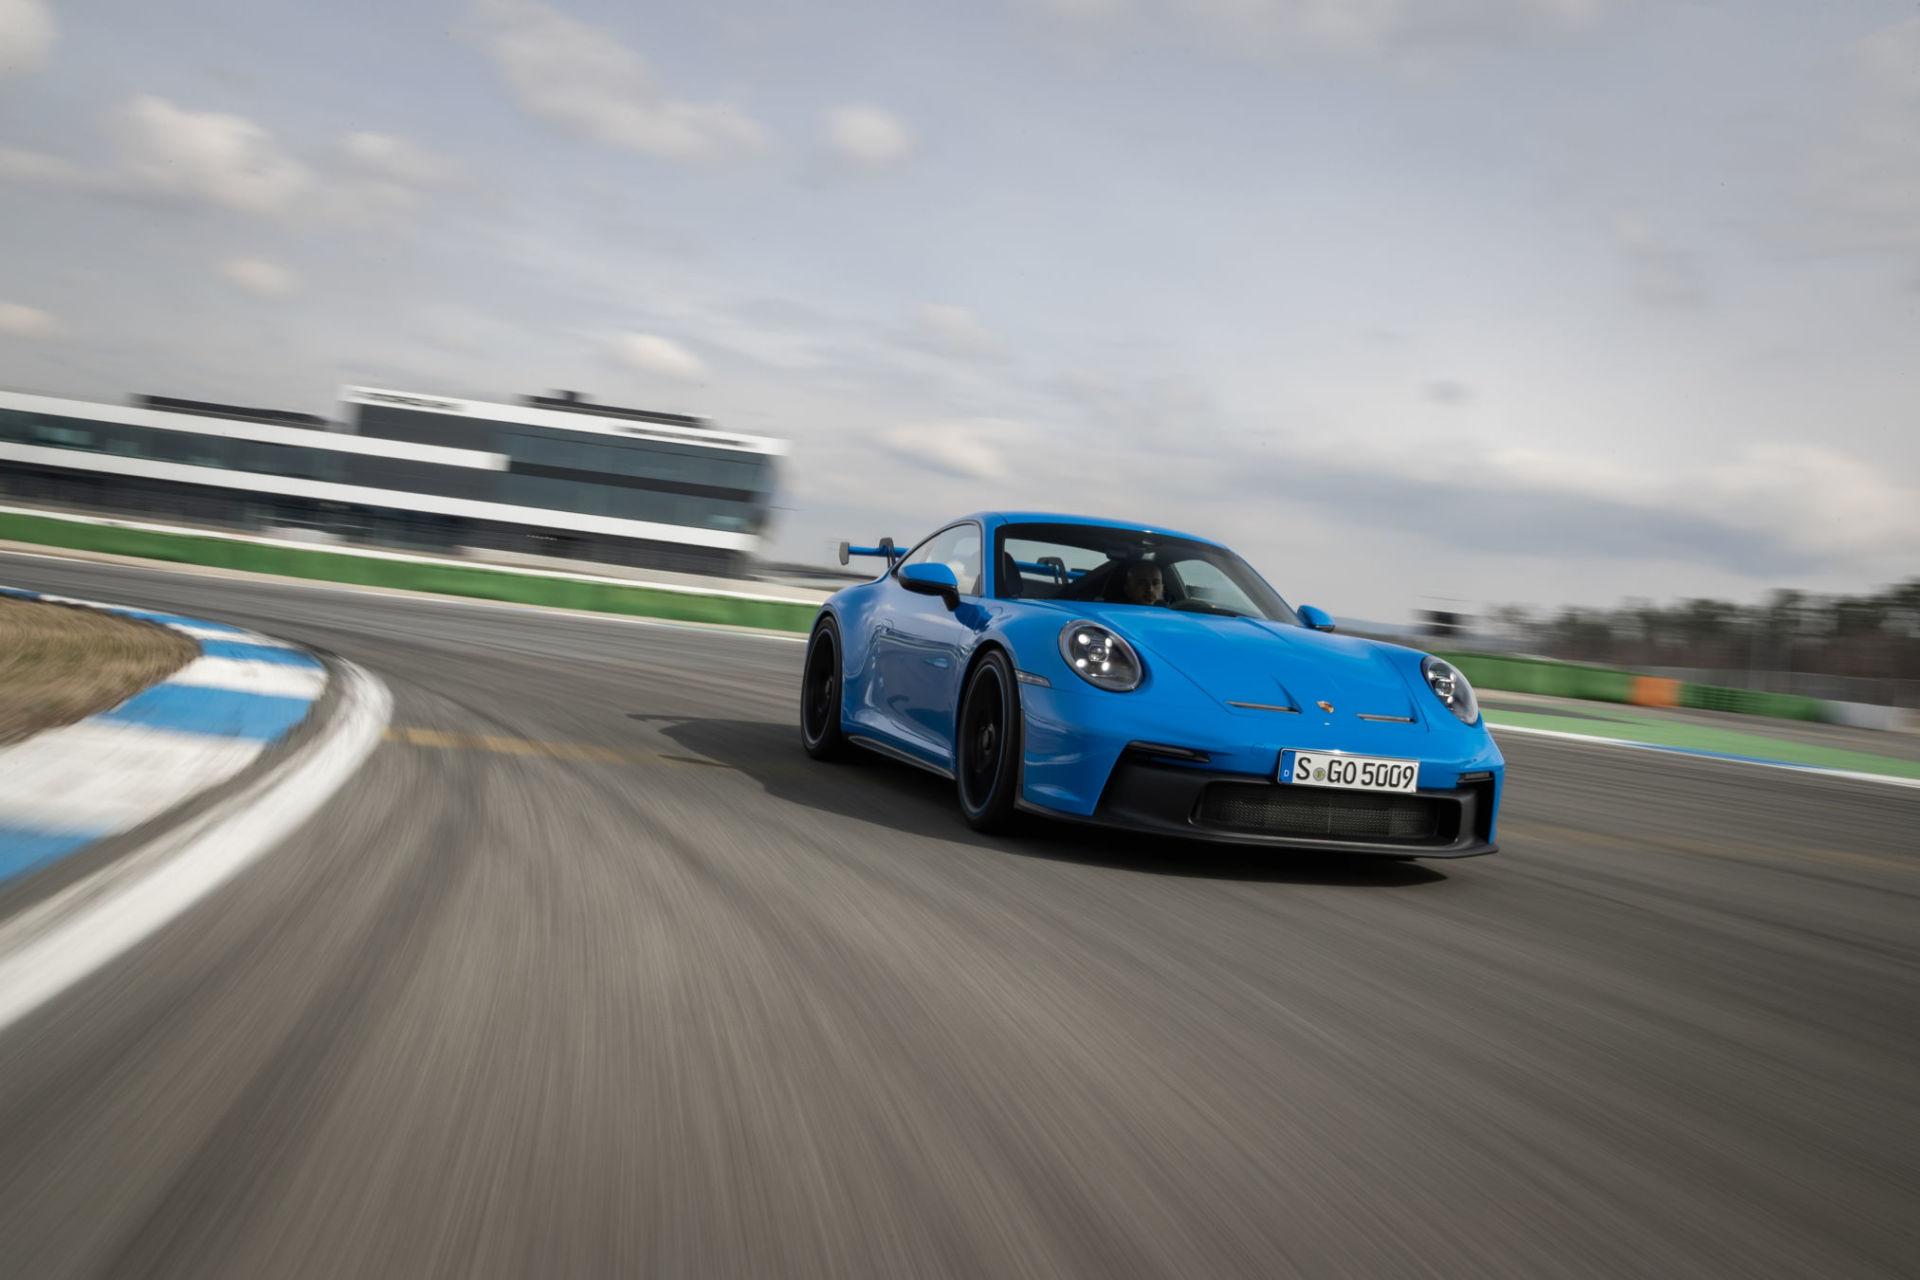 Porsche : La nouvelle 911 GT3 a réalisé 5000 km à 300 km/h sans arrêt